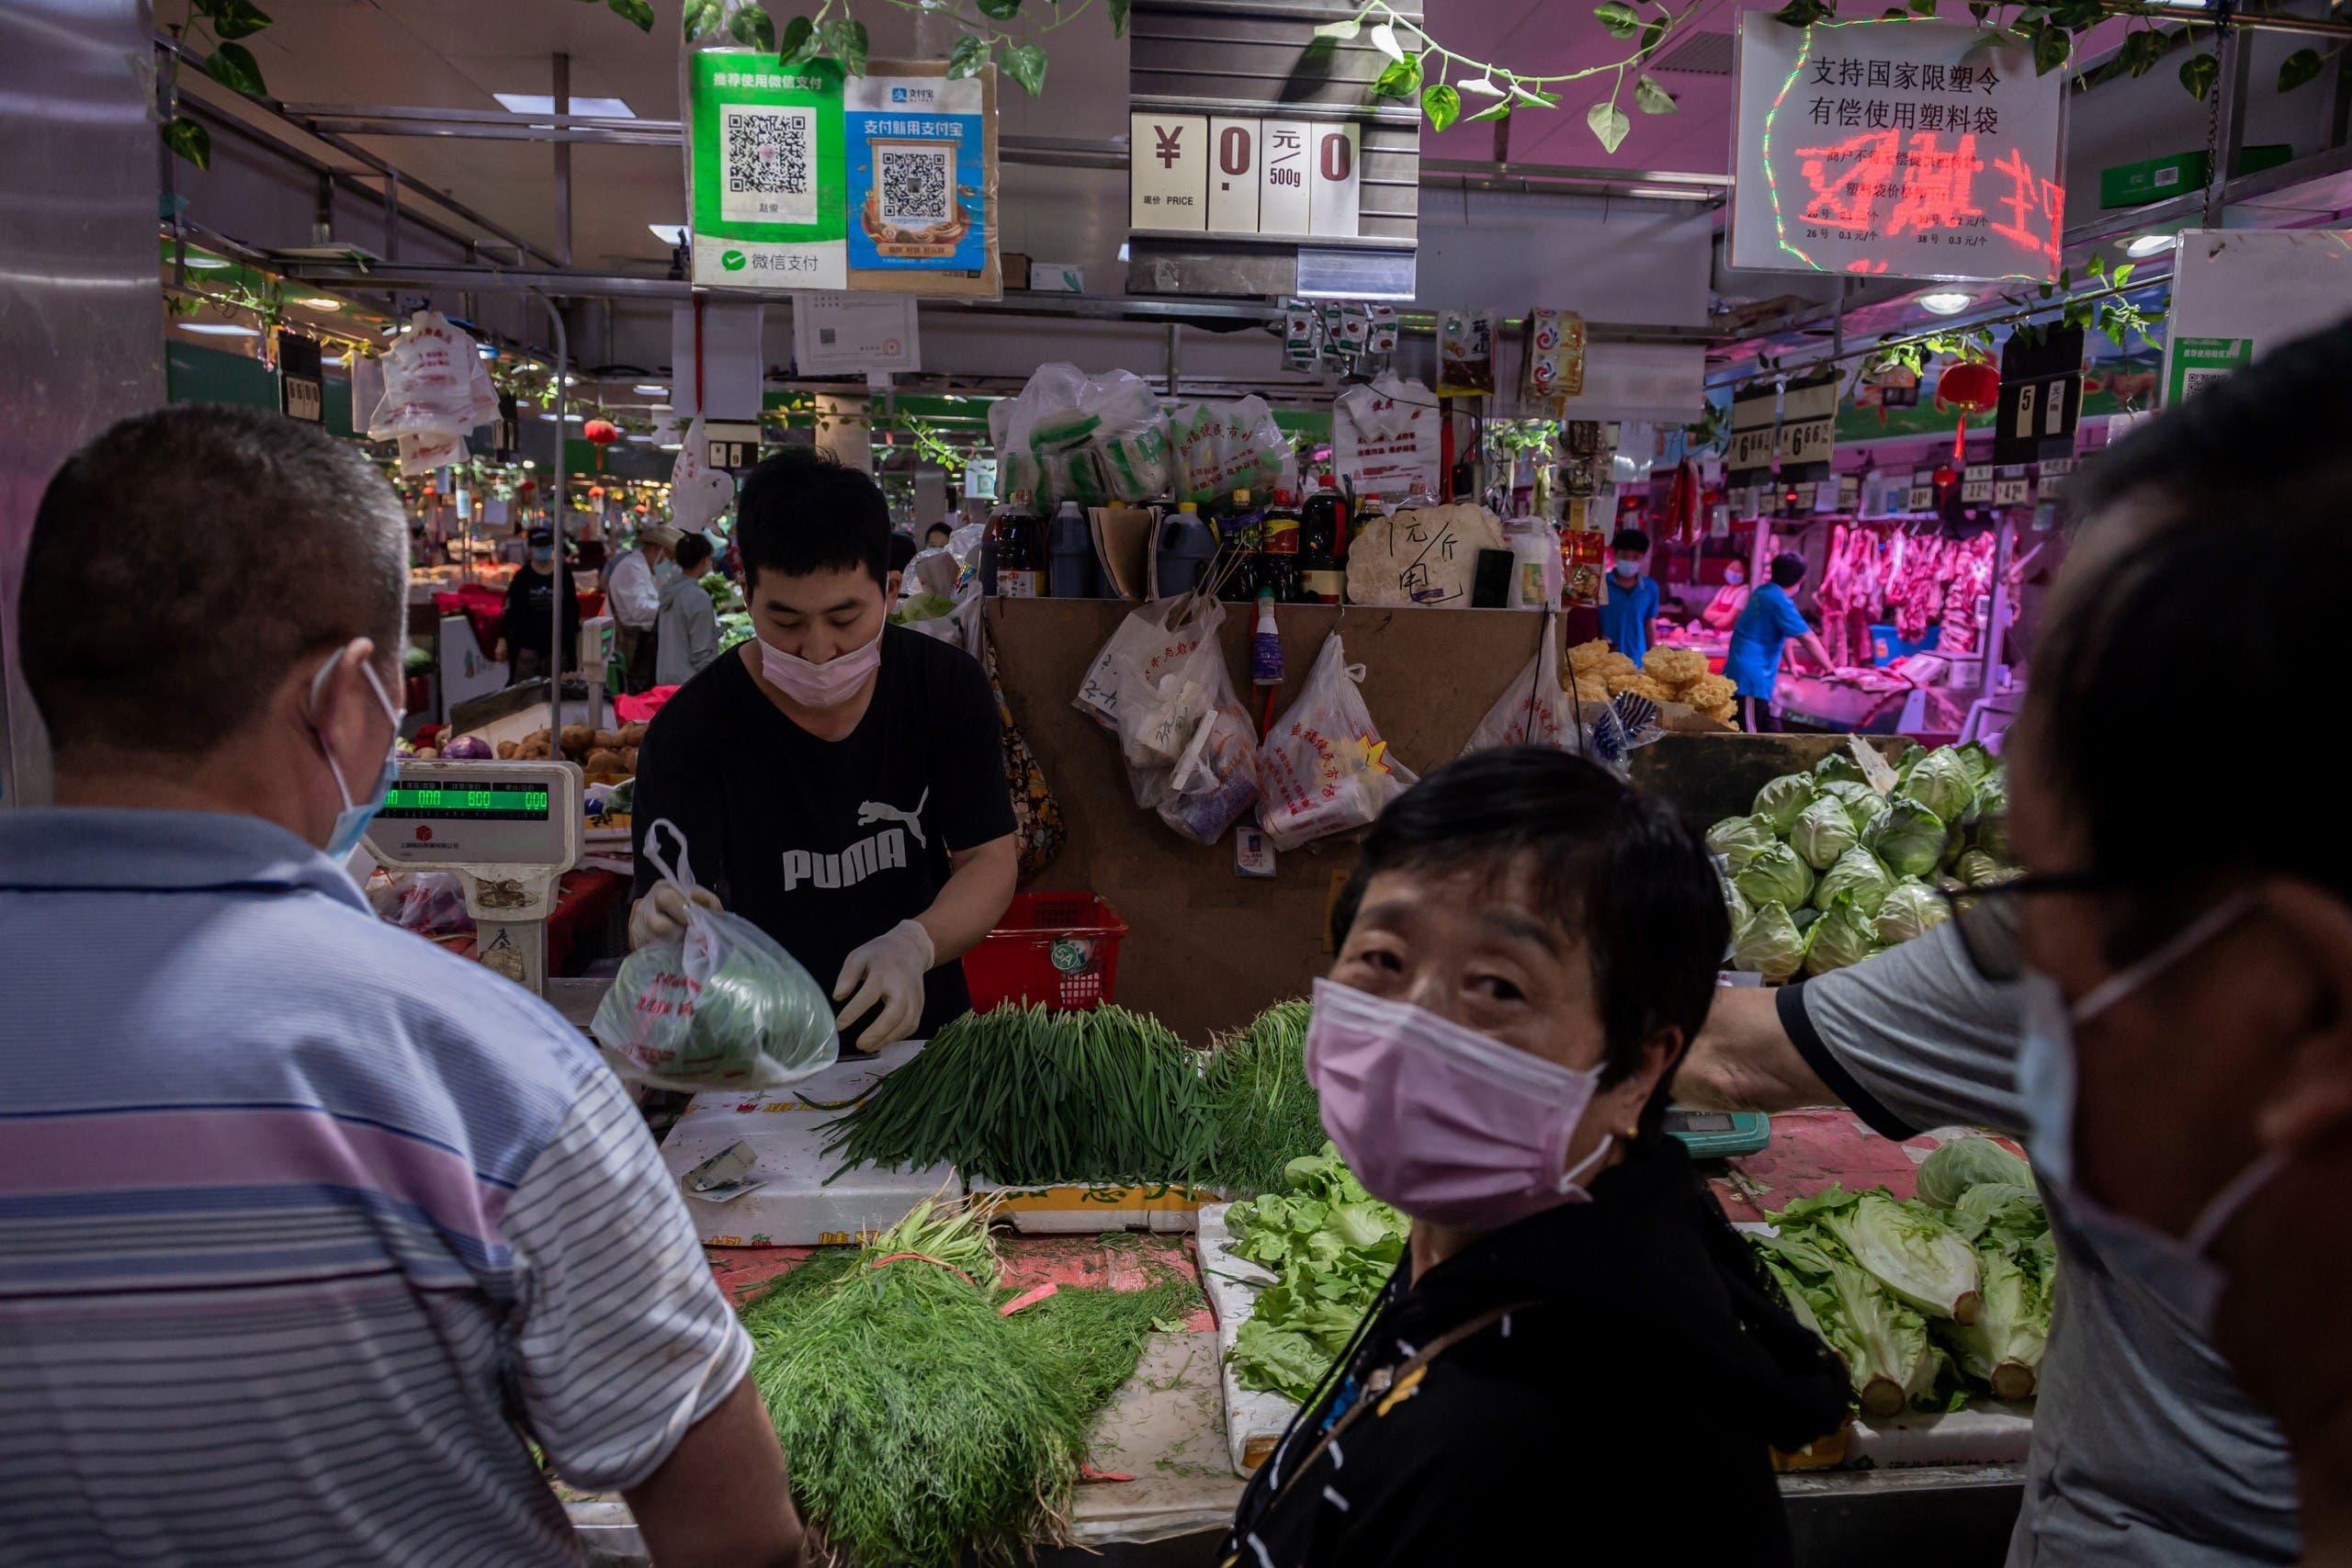 من سوق لبيع المأكولات البحرية واللحوم والخضراوات في بكين (أرشيفية- فرانس برس)